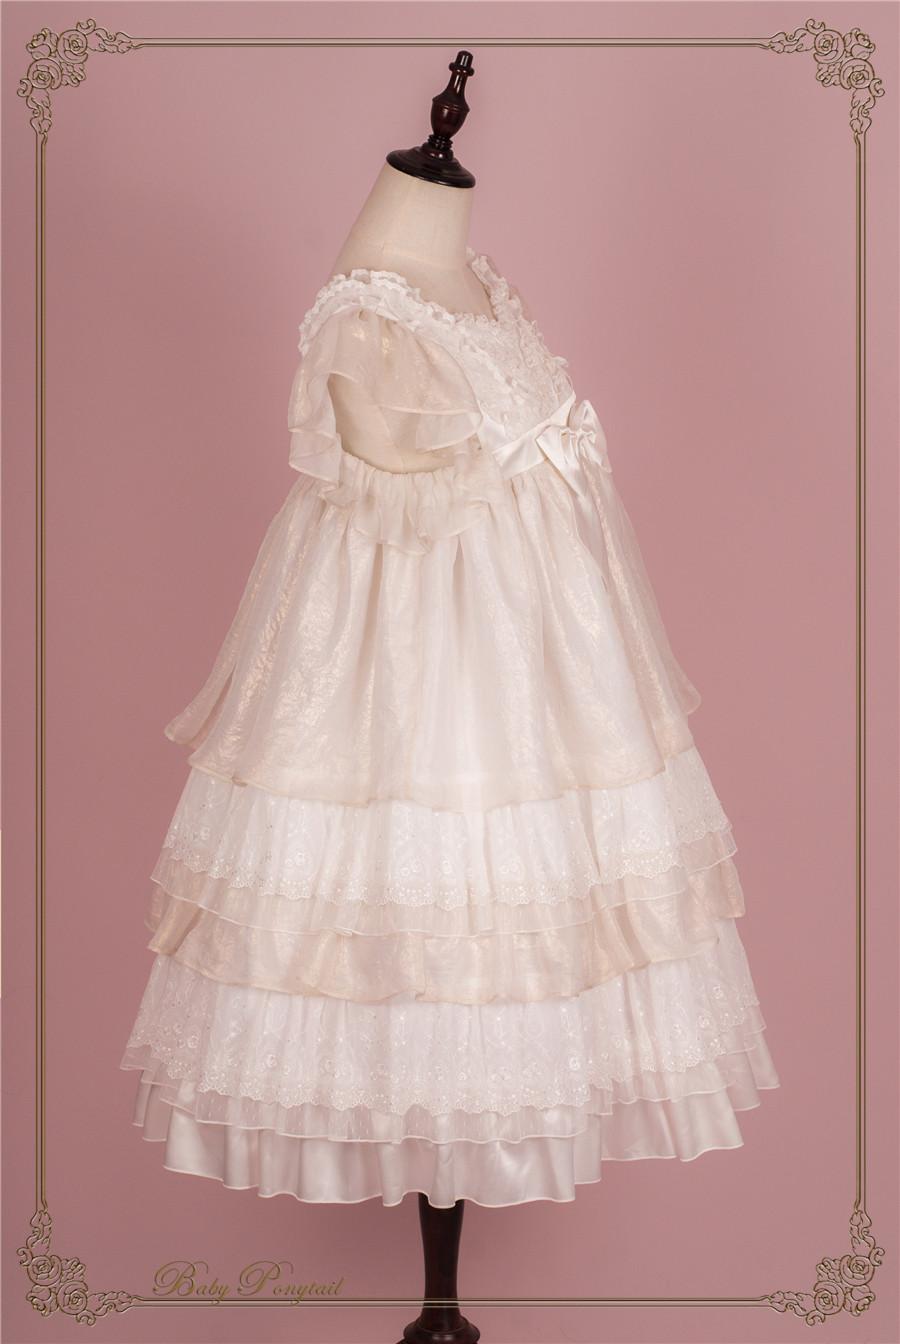 Babyponytail_Stock Photo_Present Angel_JSK White_3.jpg